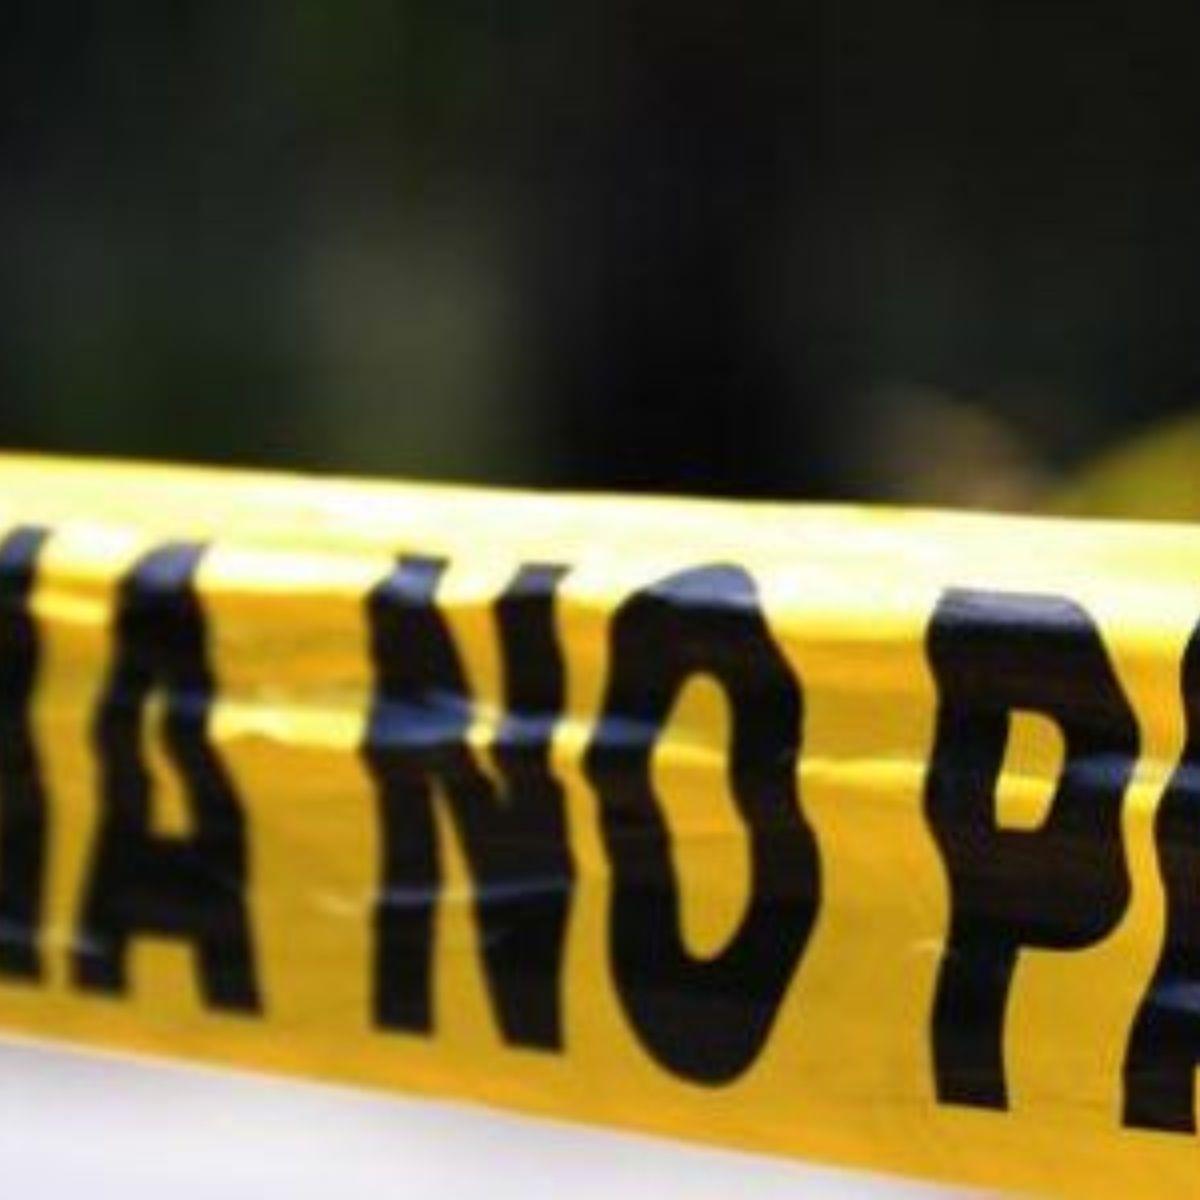 Encuentran cuerpo sin vida en carro recolector de basura, en Ocoyoacac